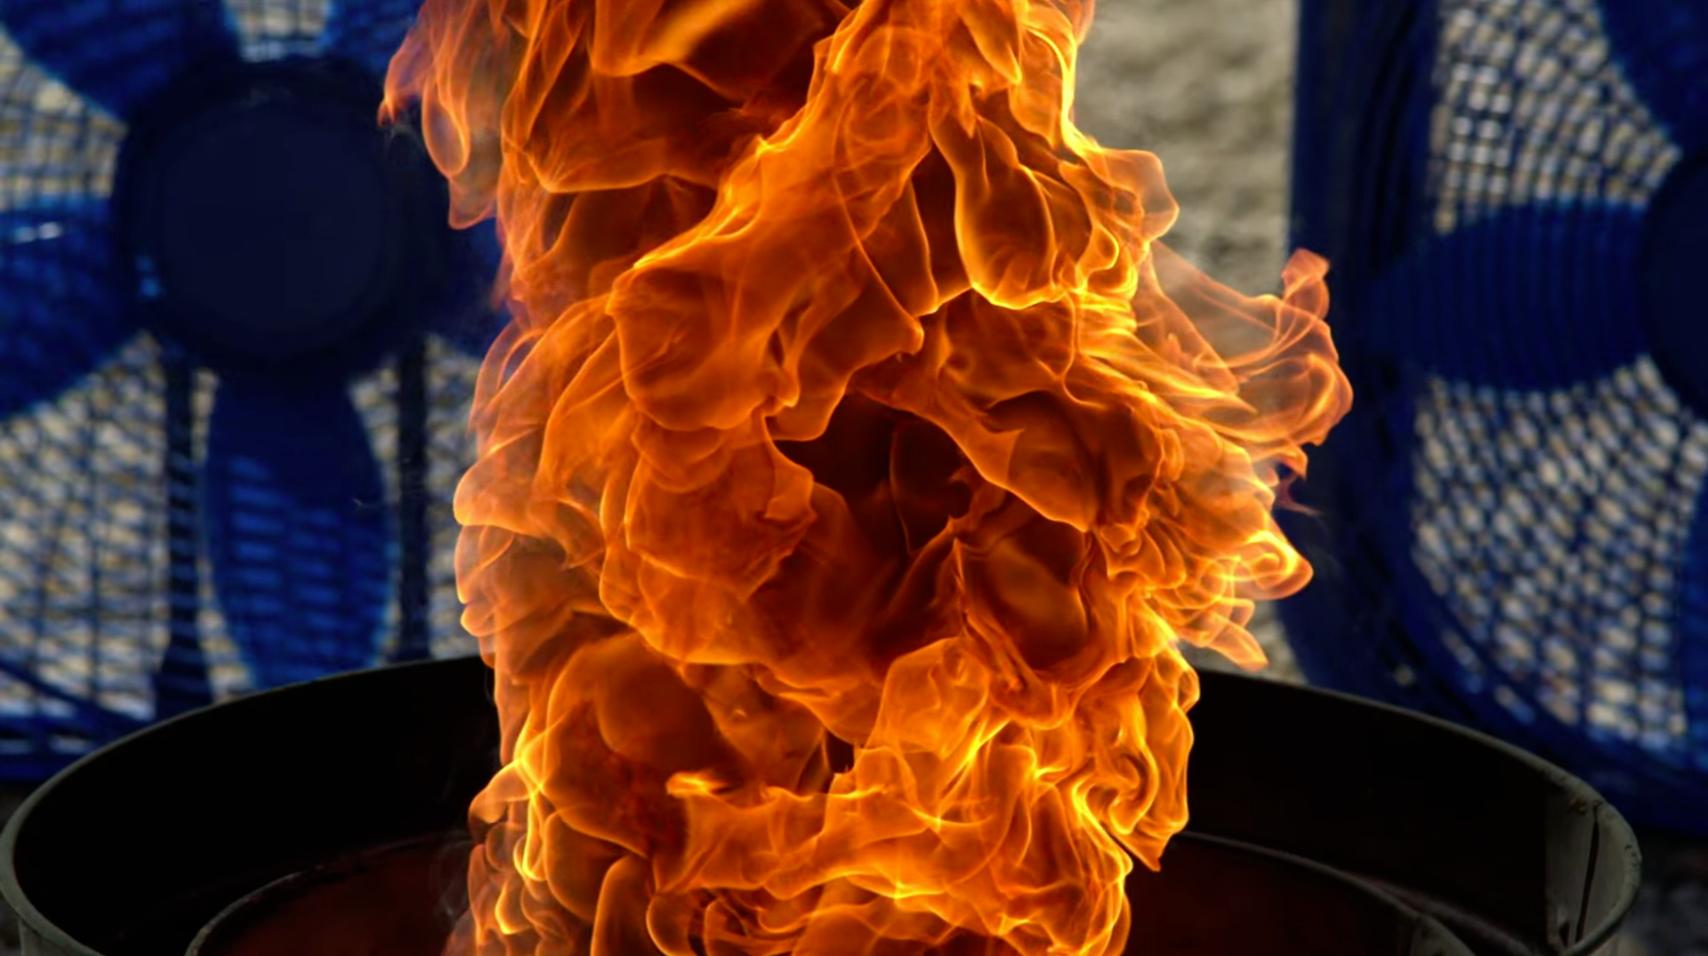 Fire Tornado in Super Slow-Motion